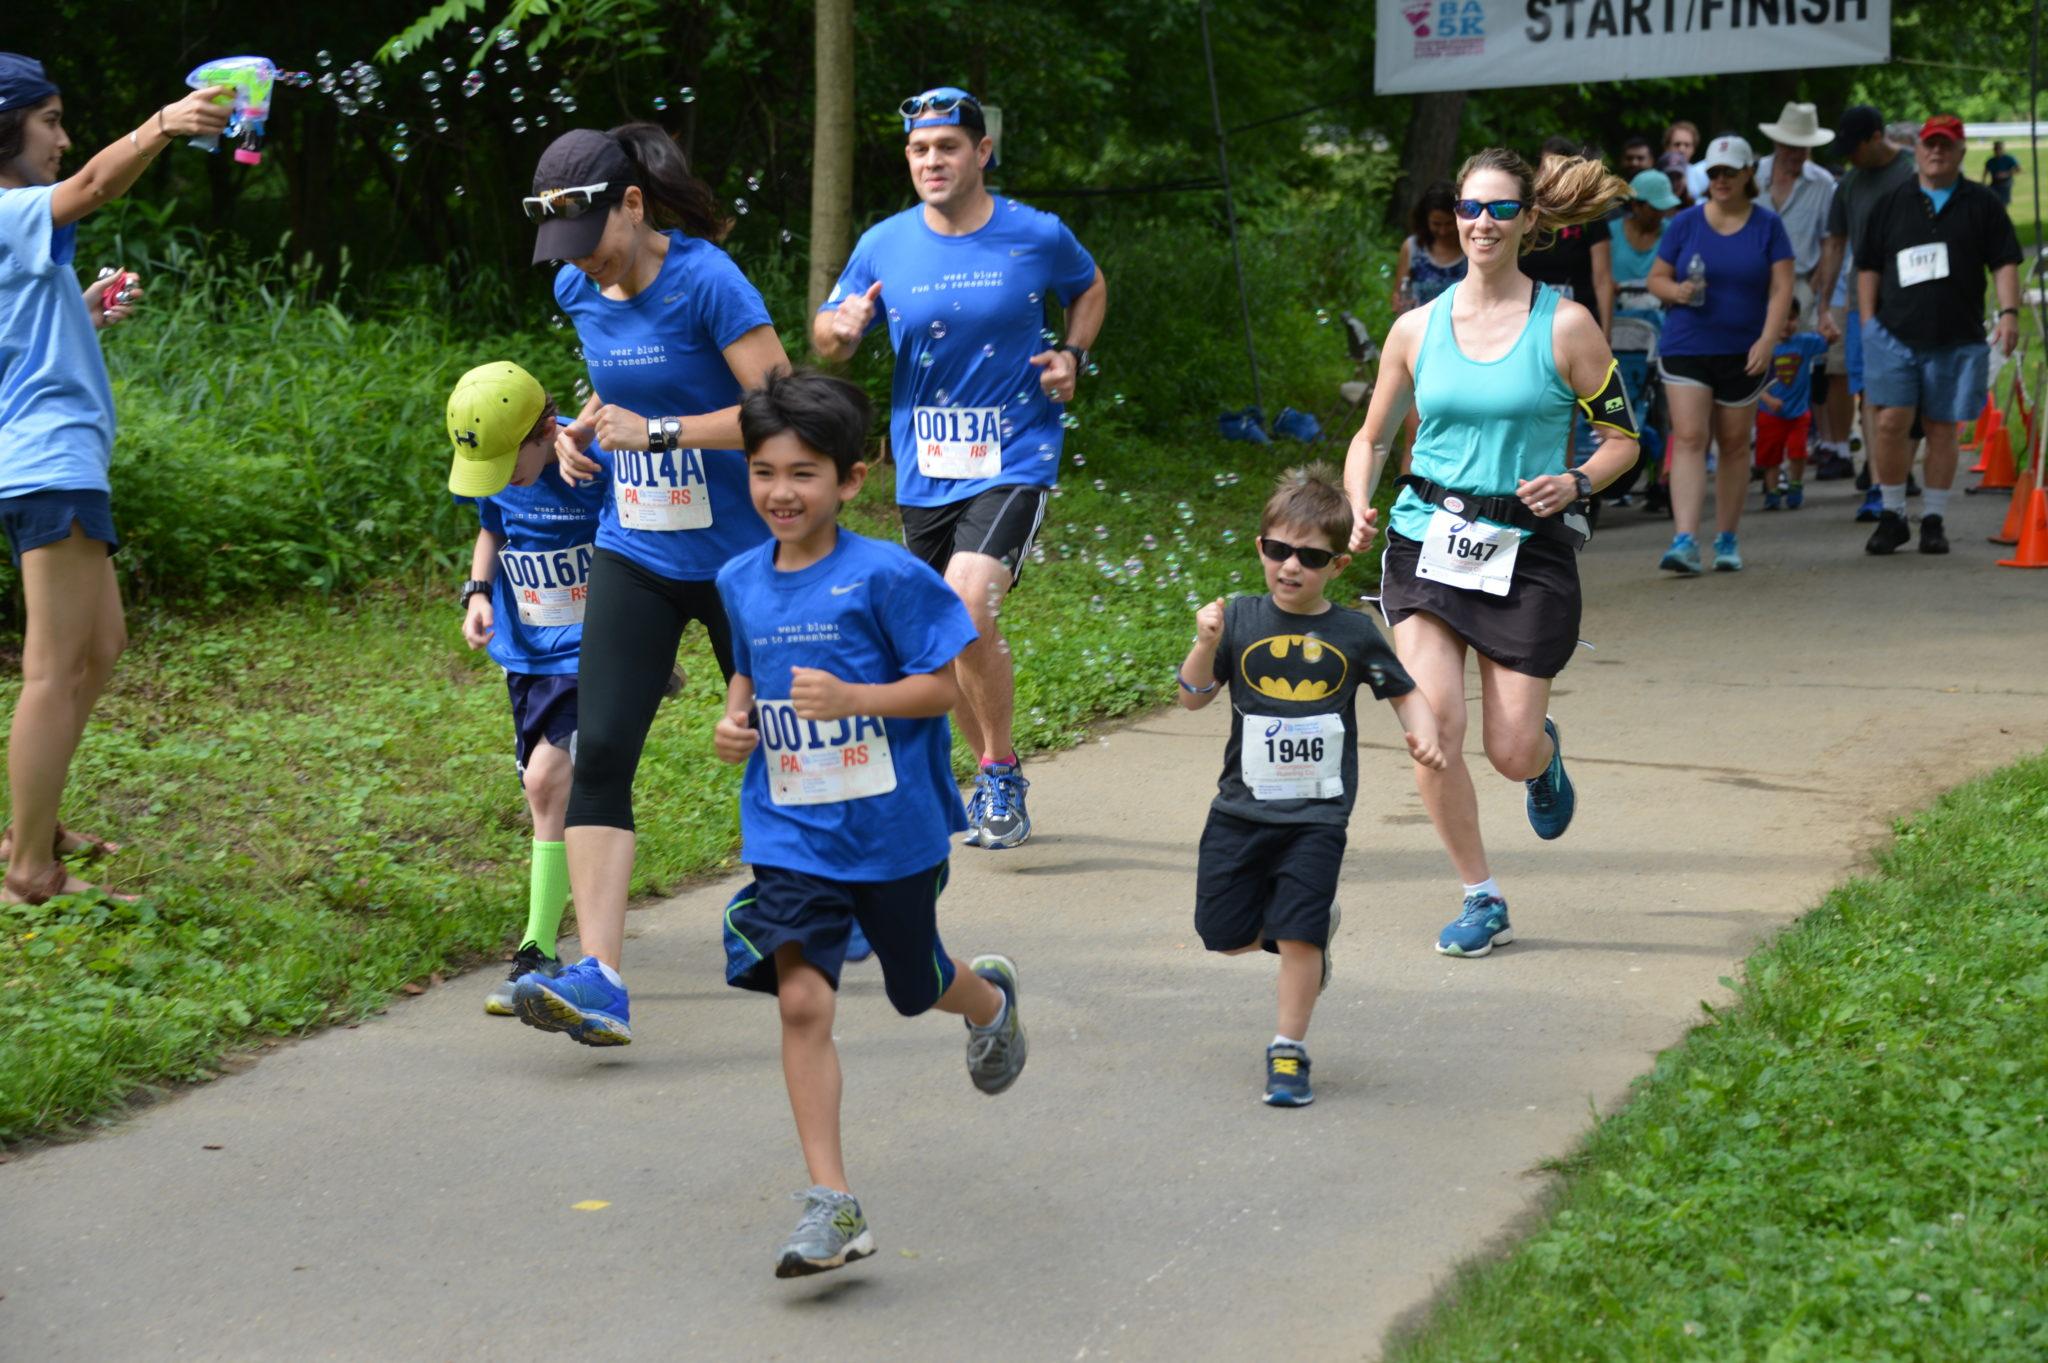 Kid runners